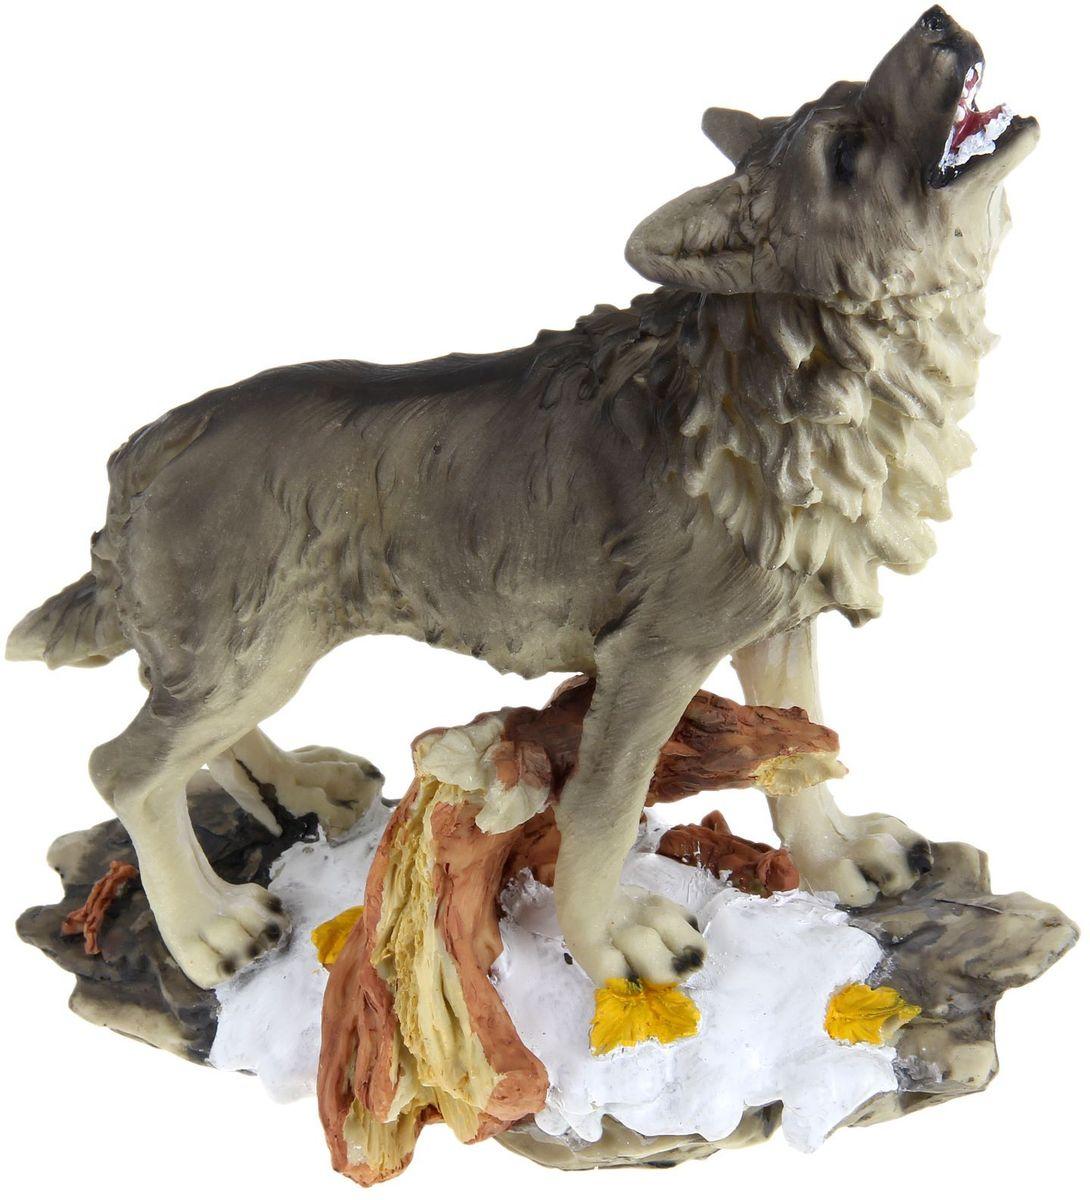 Фигура садовая Воющий волк, 24 х 11 х 28 см531-105Сад — гордость дачника. Сделайте любимый участок ещё наряднее! Украсьте его оригинальной фигуркой из долговечного материала. Она обновит привычный ландшафт и сделает его неповторимым. Фигурку можно использовать не только в качестве декора садового участка, но и в качестве сувенира для дома. Эффектно украсьте прихожую, чтобы приятно удивить гостей, или сделайте уютнее зелёный уголок, дополнив его этой скульптурой.